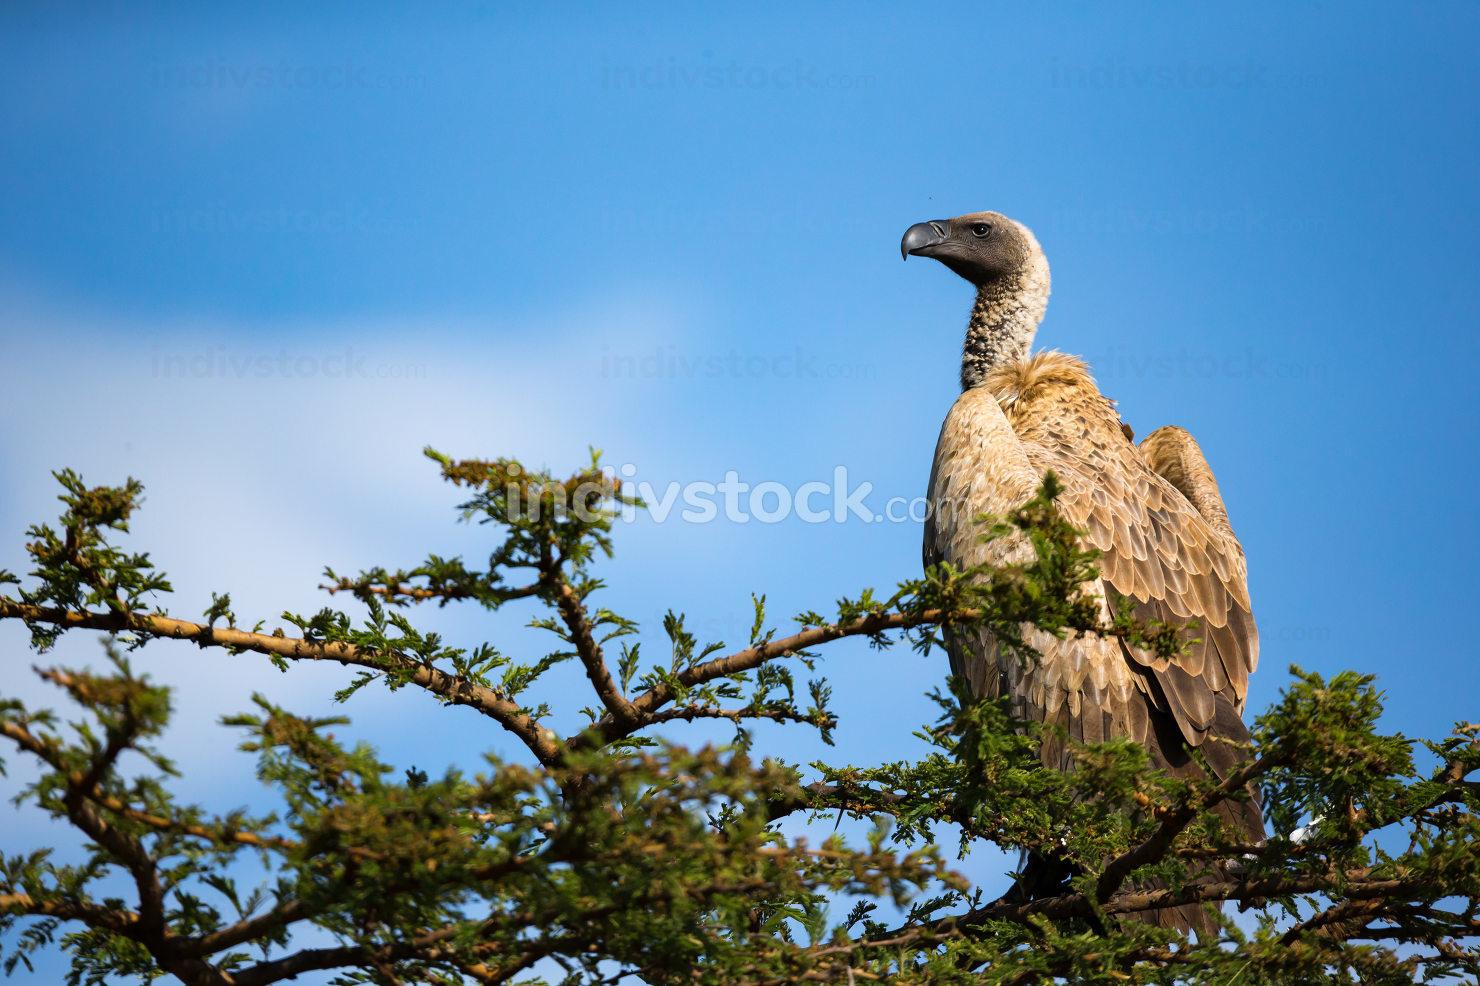 A big bird of prey sits on a branch